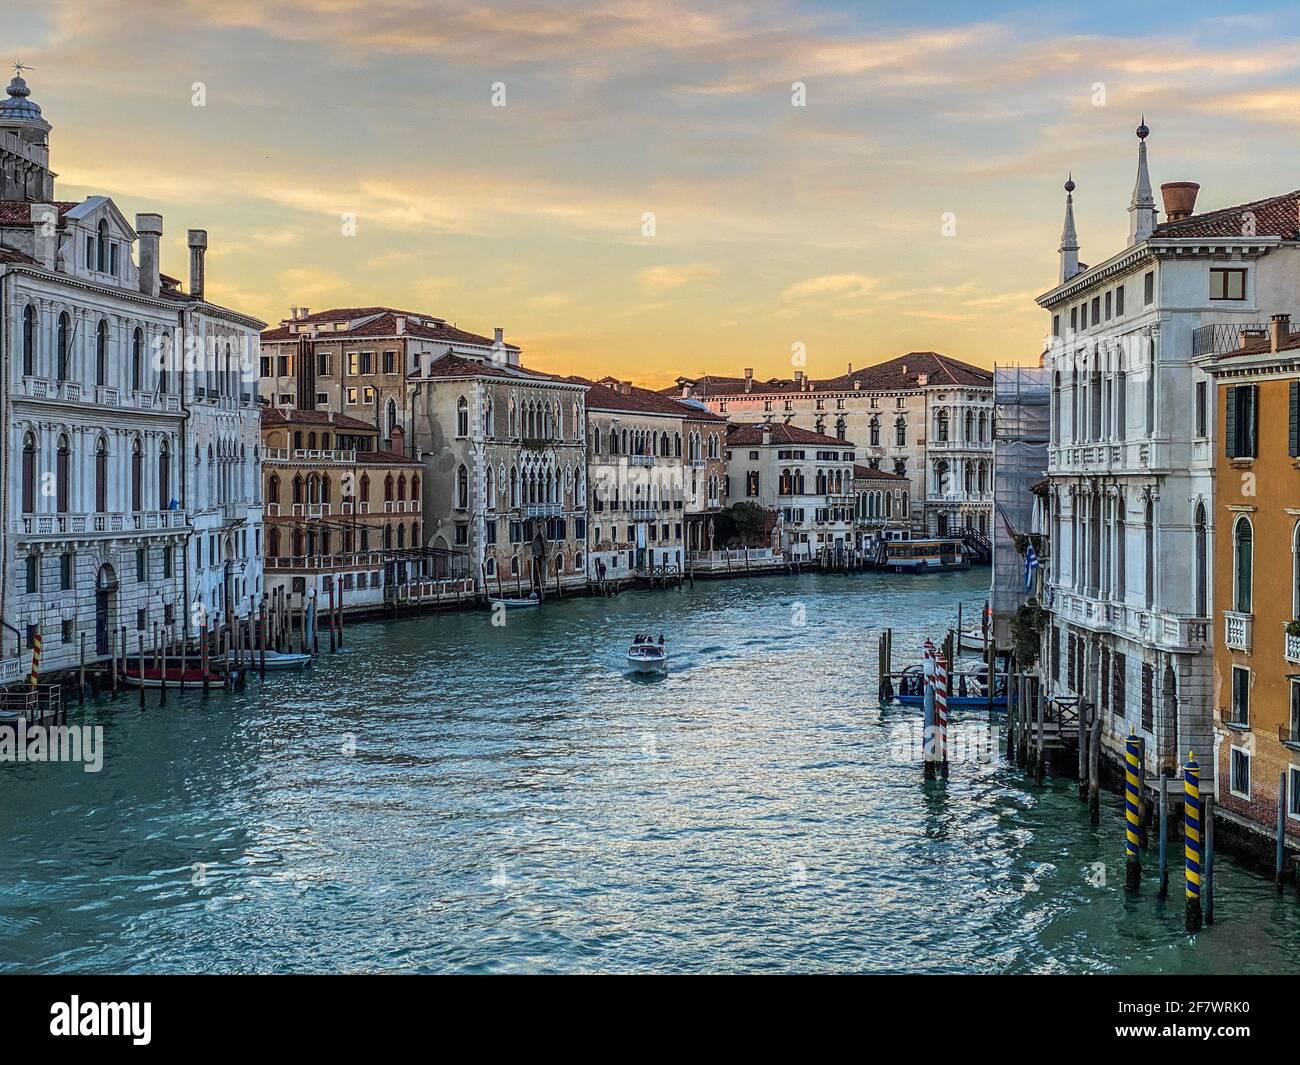 Vue sur le Grand Canal depuis le Ponte dell'Accademia à Venise, Italie. Un seul bateau sur l'eau Banque D'Images